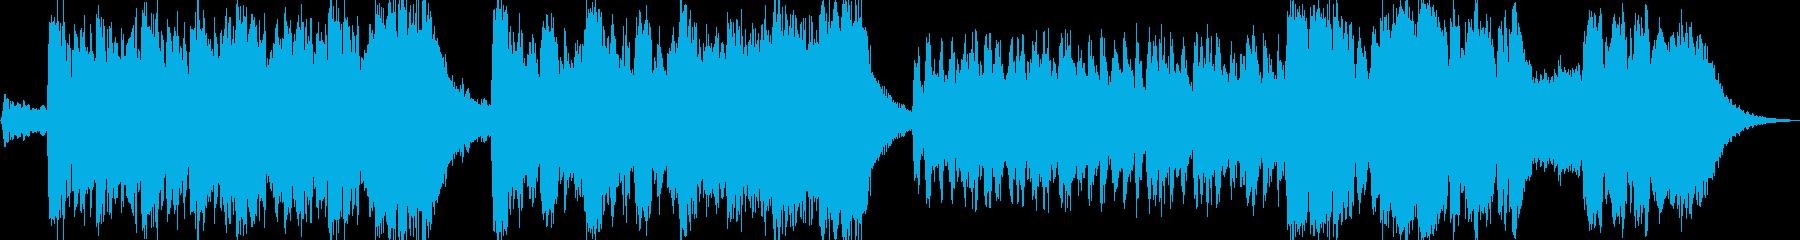 スリルを感じる戦闘系BGMの再生済みの波形